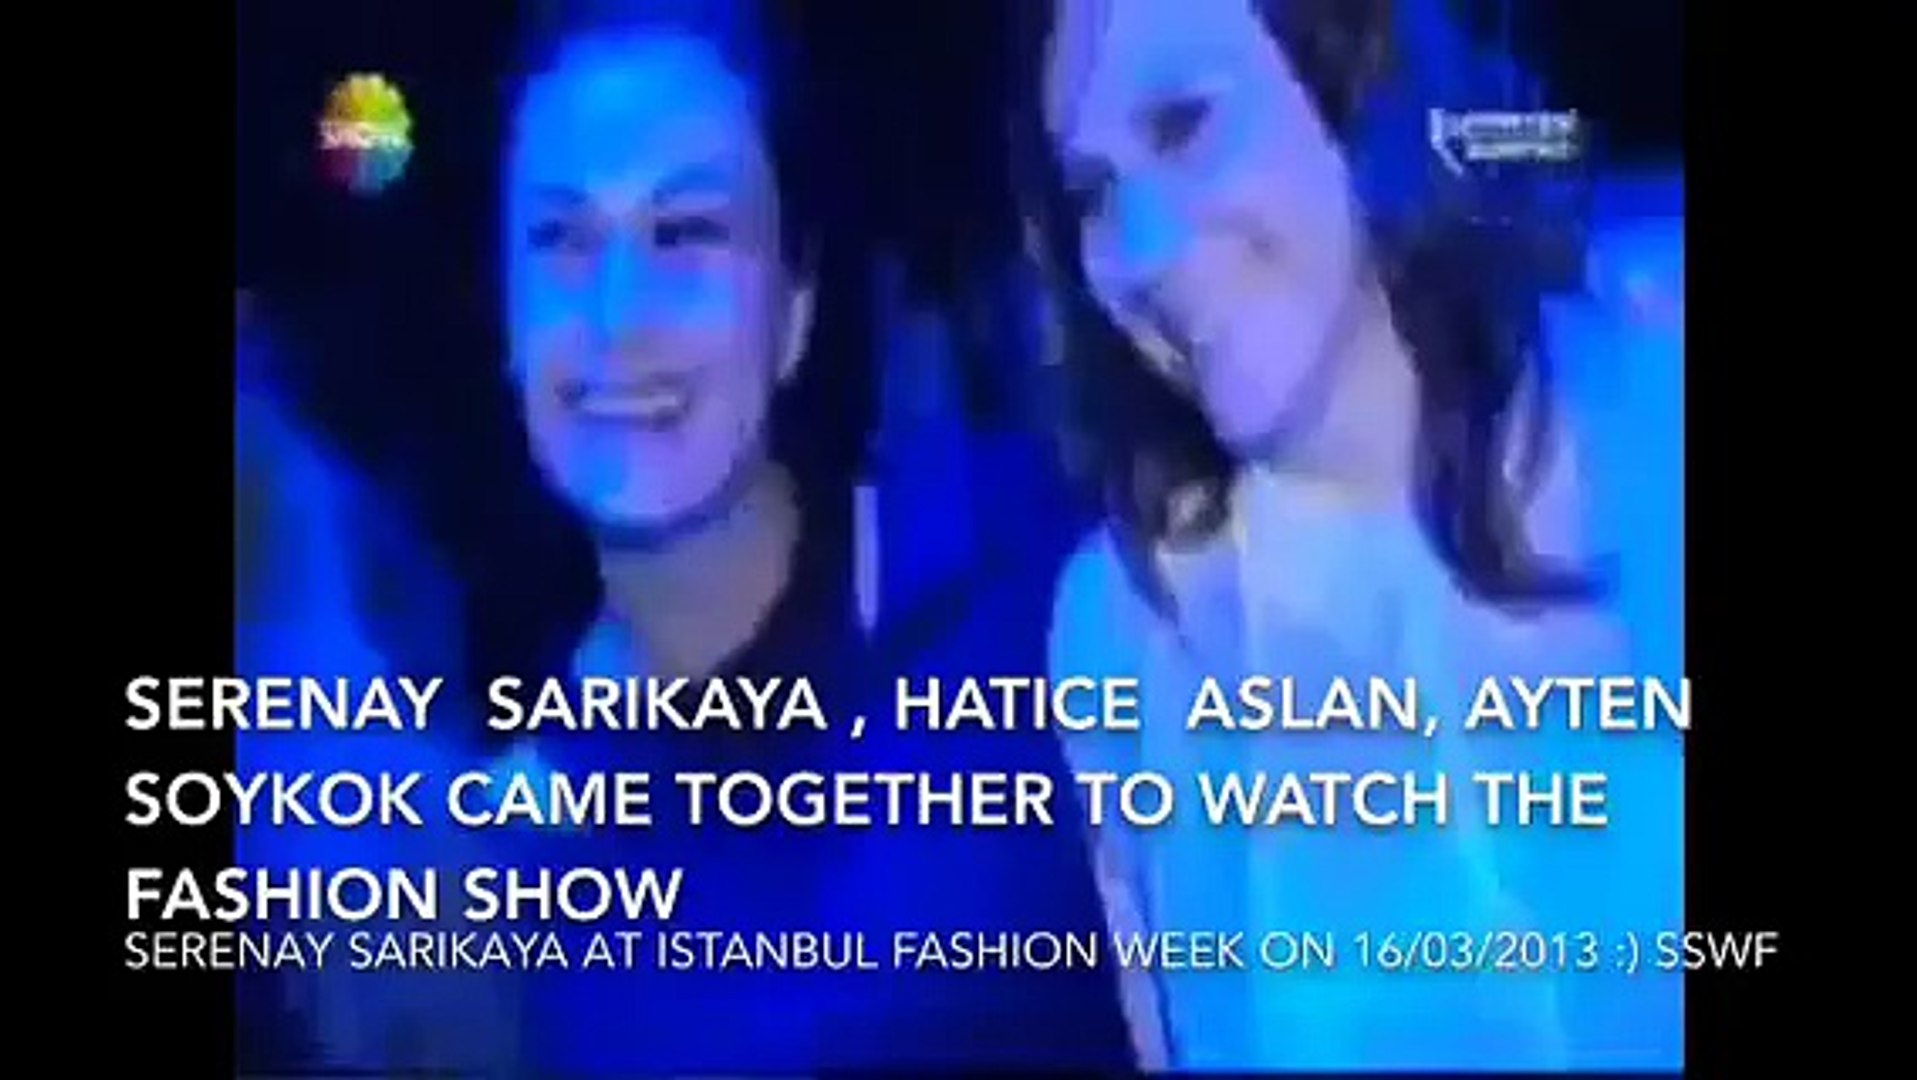 Serenay Sarikaya at Istanbul fashion week 2013